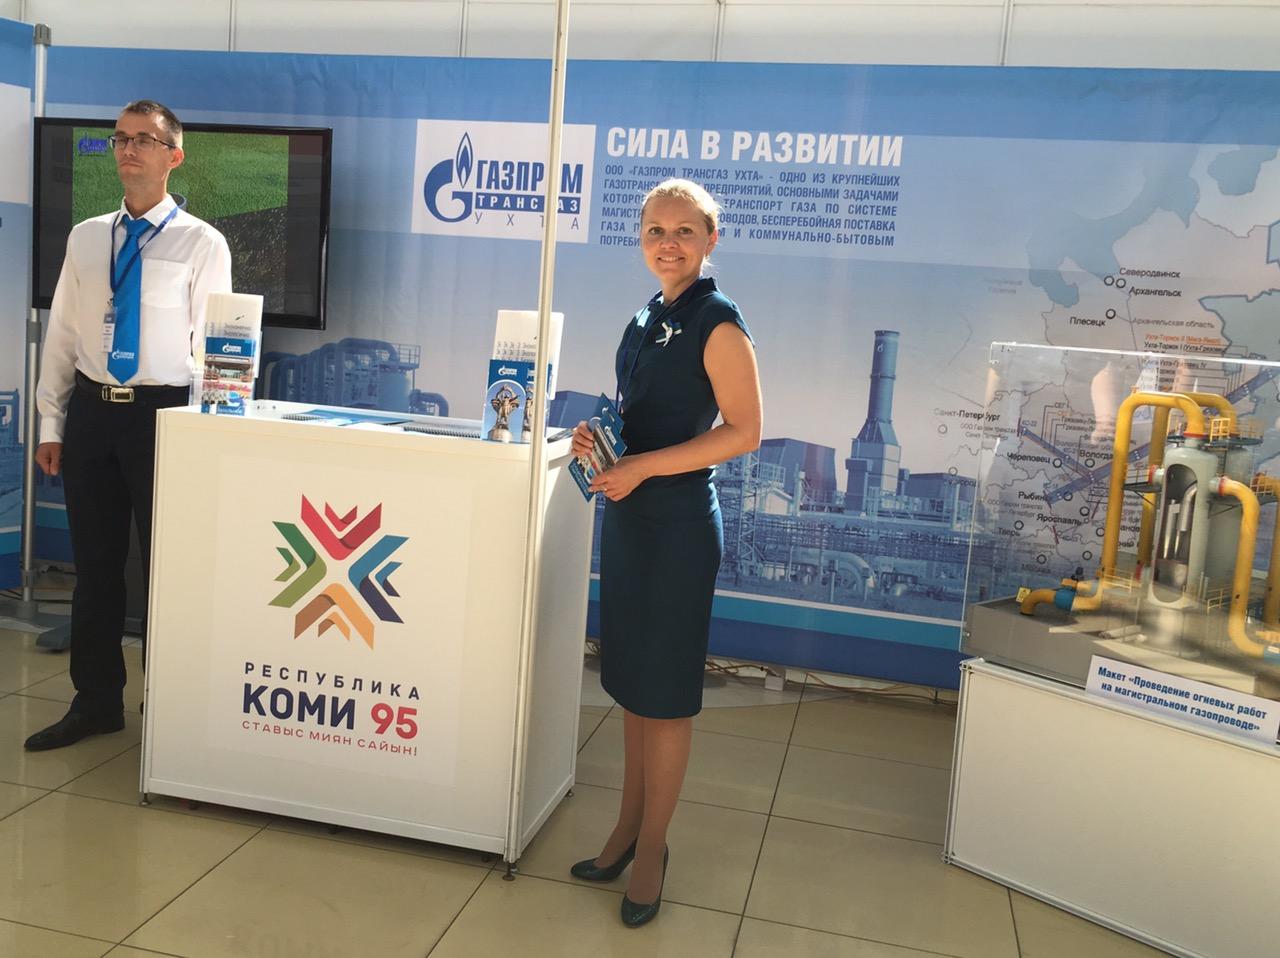 На Коми ВДНХ Александр Гайворонский рассказал Сергею Гапликову о ходе строительства газопровода